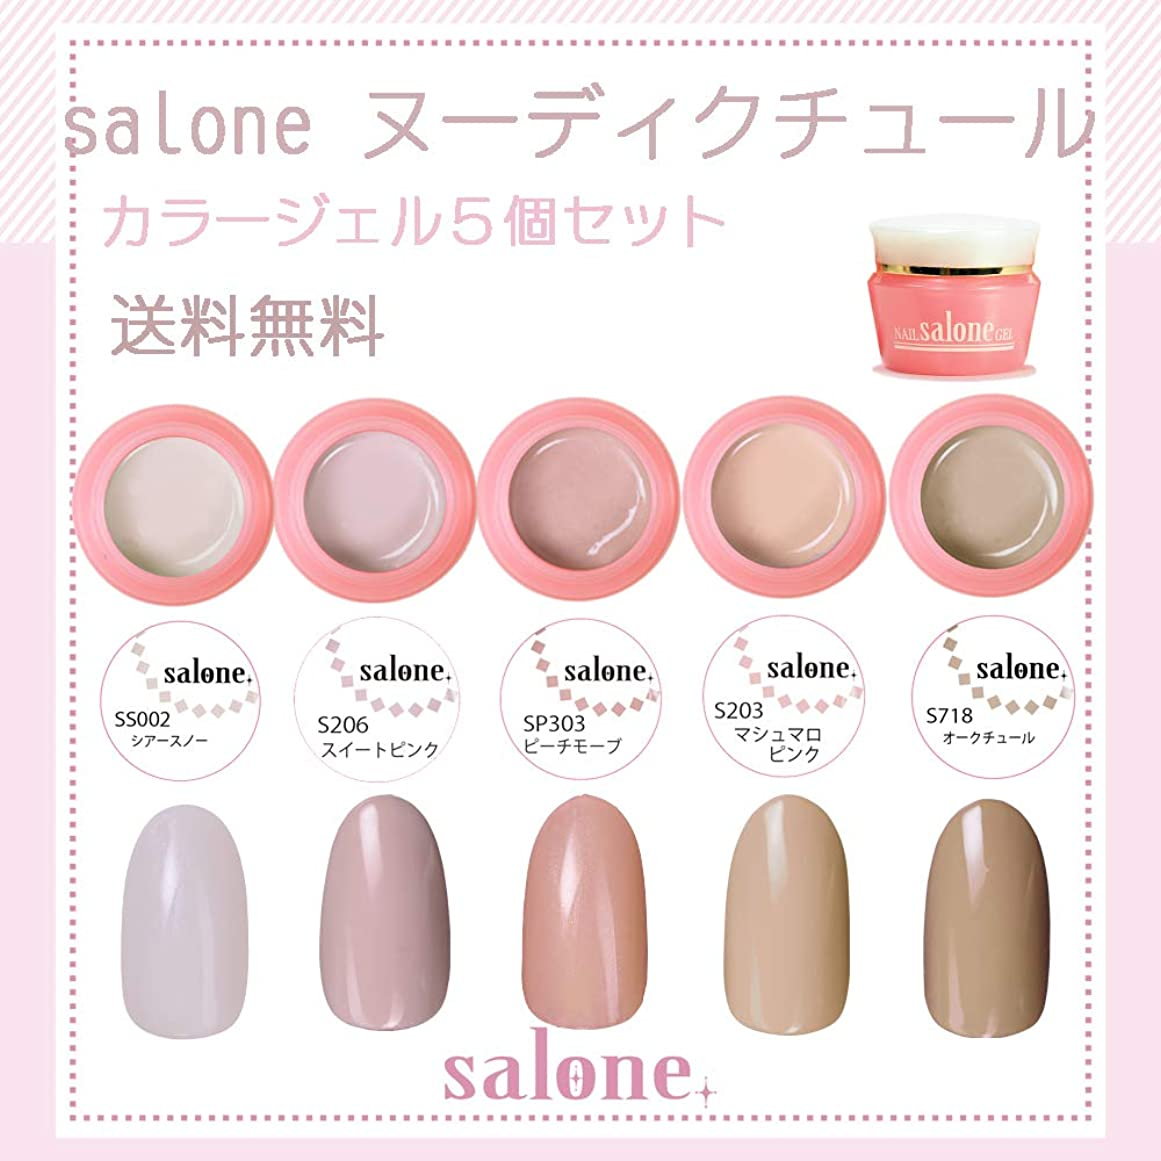 カップ反毒証言する【送料無料 日本製】Salone ヌーディクチュール カラージェル5個セット 上品で肌なじみの良いカラー